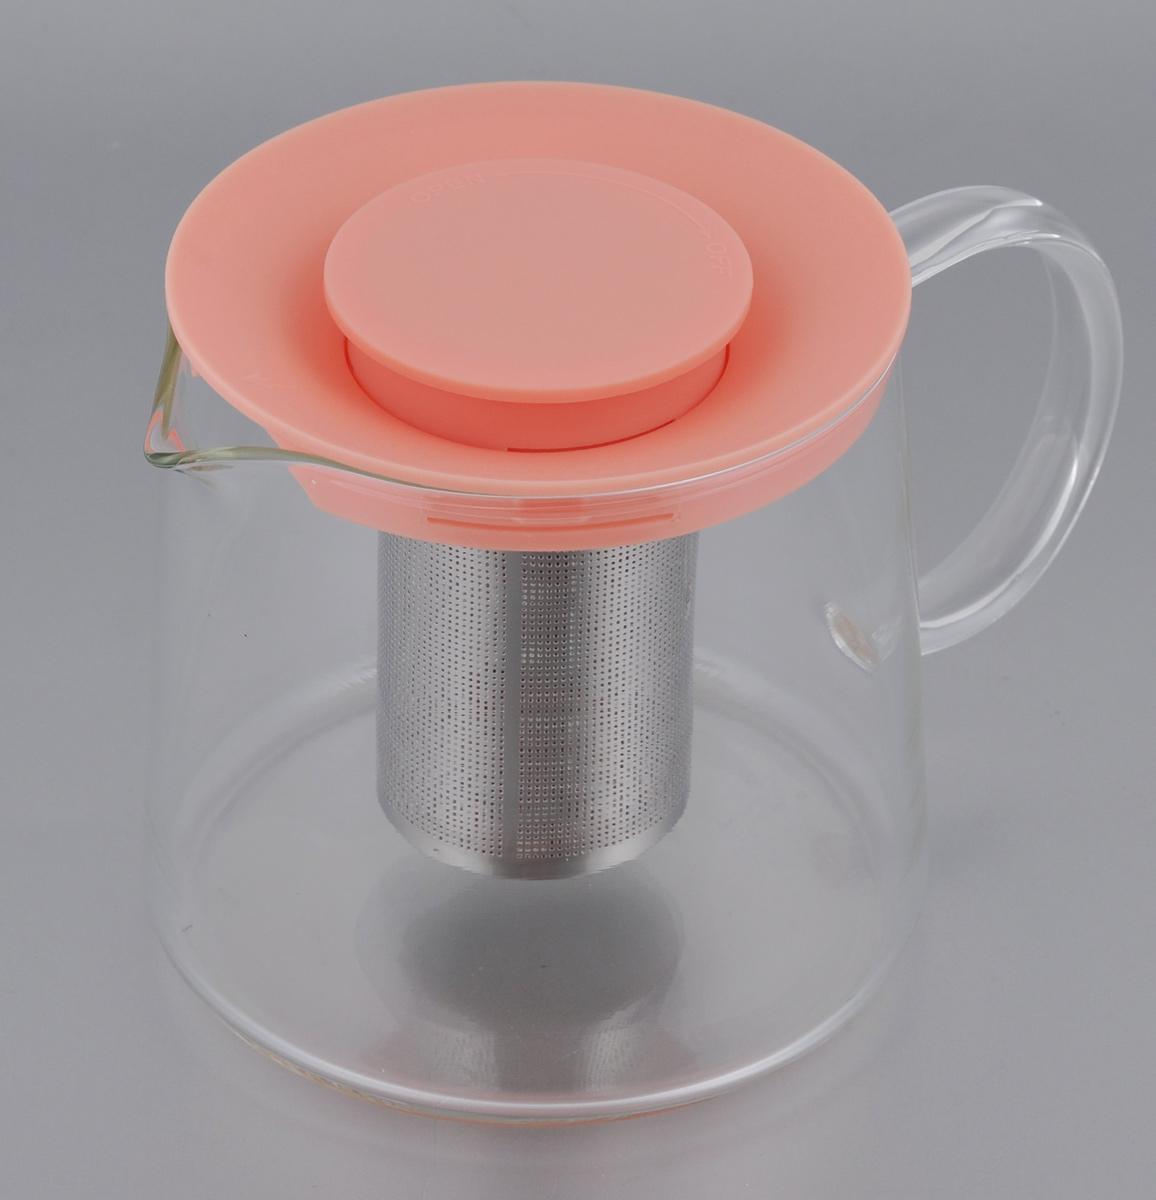 Чайник Идея Камилла, цвет: персиковый, прозрачный, 1 л115510Чайник Идея Камилла прекрасно подходит для заваривания чая, кофе и травяных настоев. Чайник изготовлен из высококачественного жаропрочного стекла, оснащен металлическим фильтром и пластиковой крышкой. Основные достоинства чайника: - возможность регулировать время заваривания, - возможность комбинировать напиток с различными наполнителями (специи, травы), - возможность подогрева напитка на газовой плите (при 180°С). Диаметр (по верхнему краю): 11 см. Диаметр основания: 12,5 см. Высота фильтра: 8 см. Высота чайника: 11,5 см.